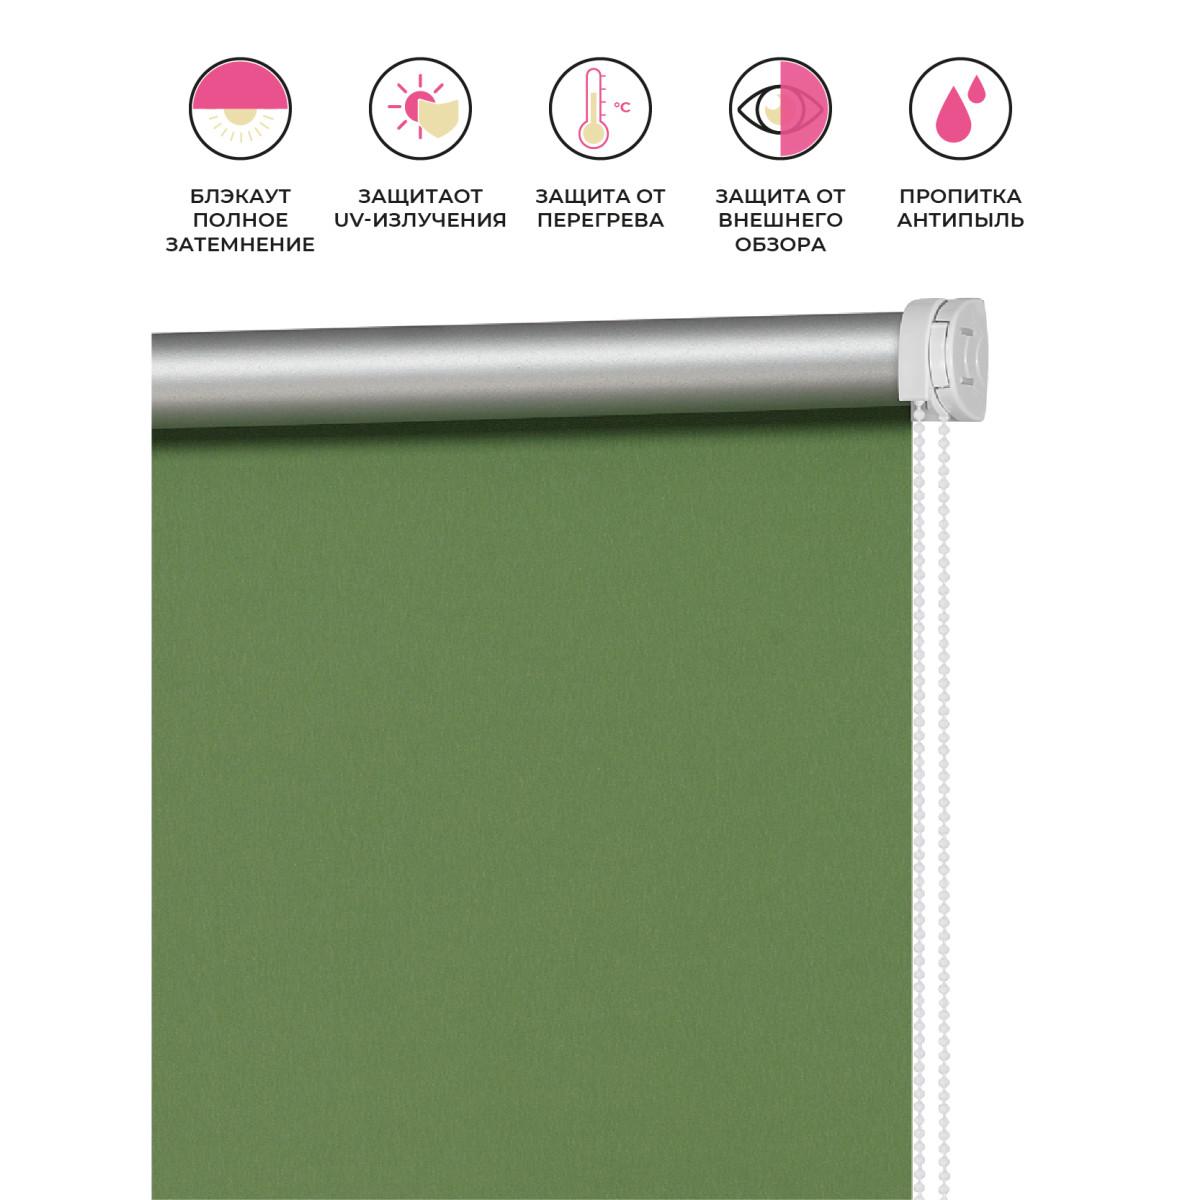 Рулонная Ора Decofest Блэкаут Плайн 80Х160 Цвет Зеленый